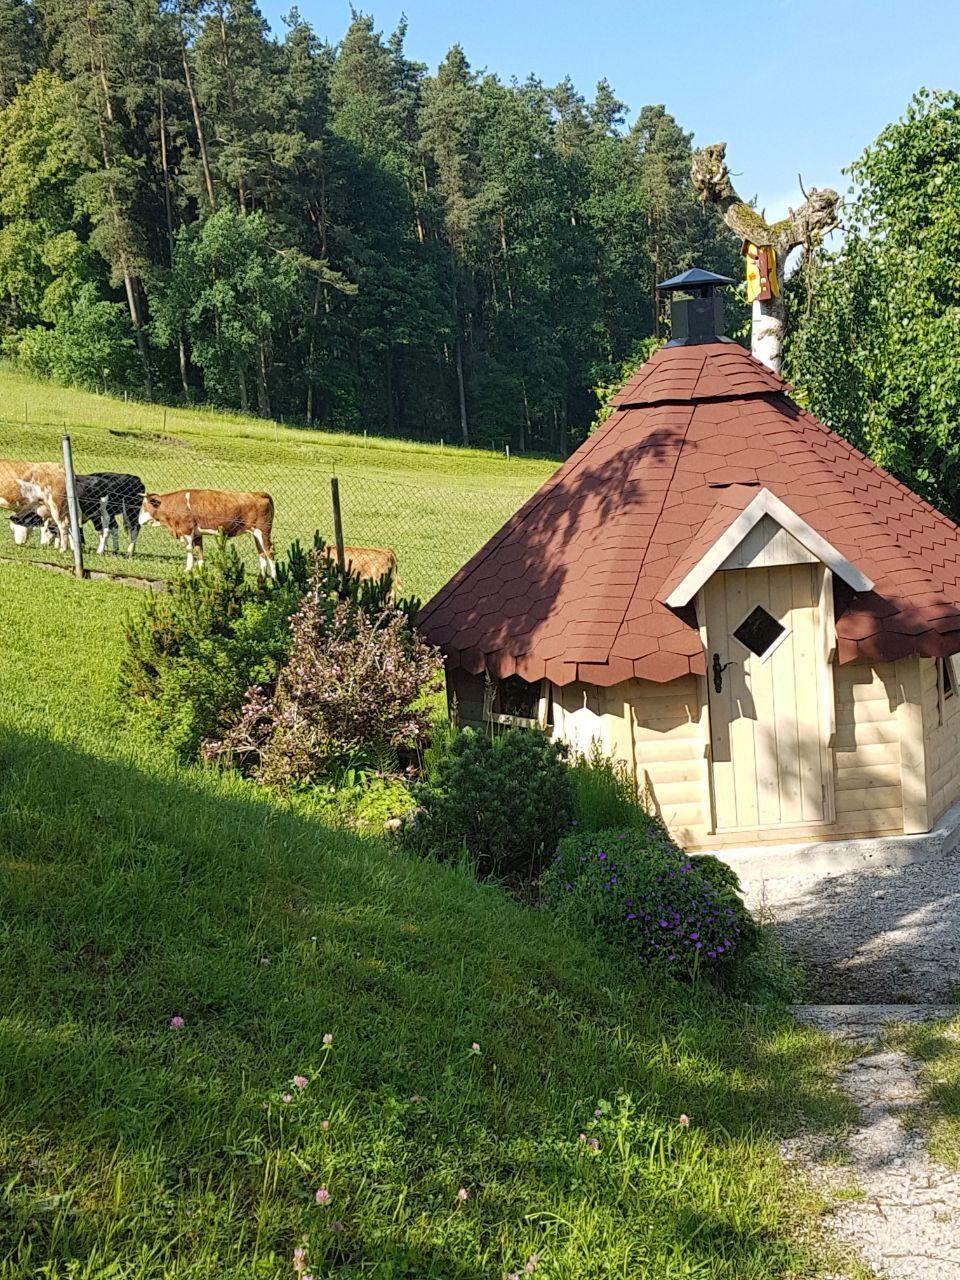 Grillhütte mit Weide